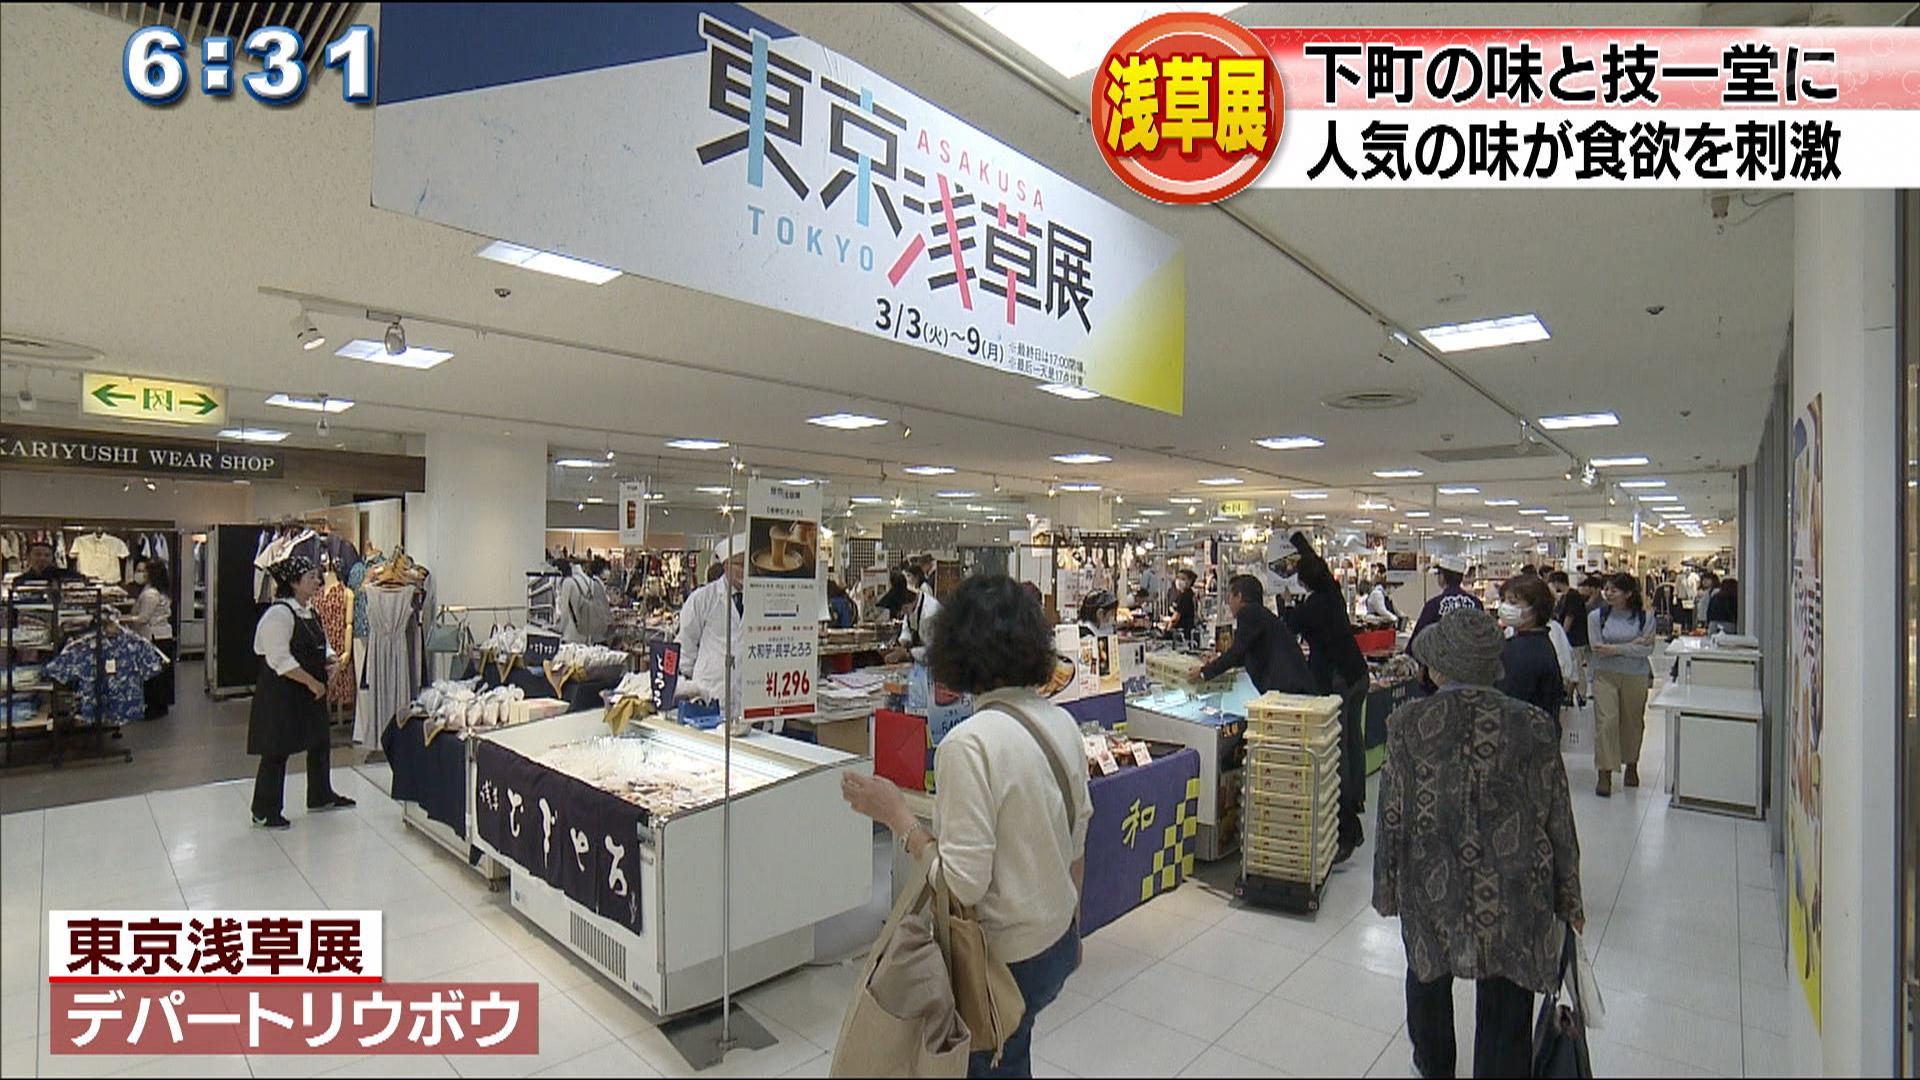 下町の味と技一堂に 東京浅草展